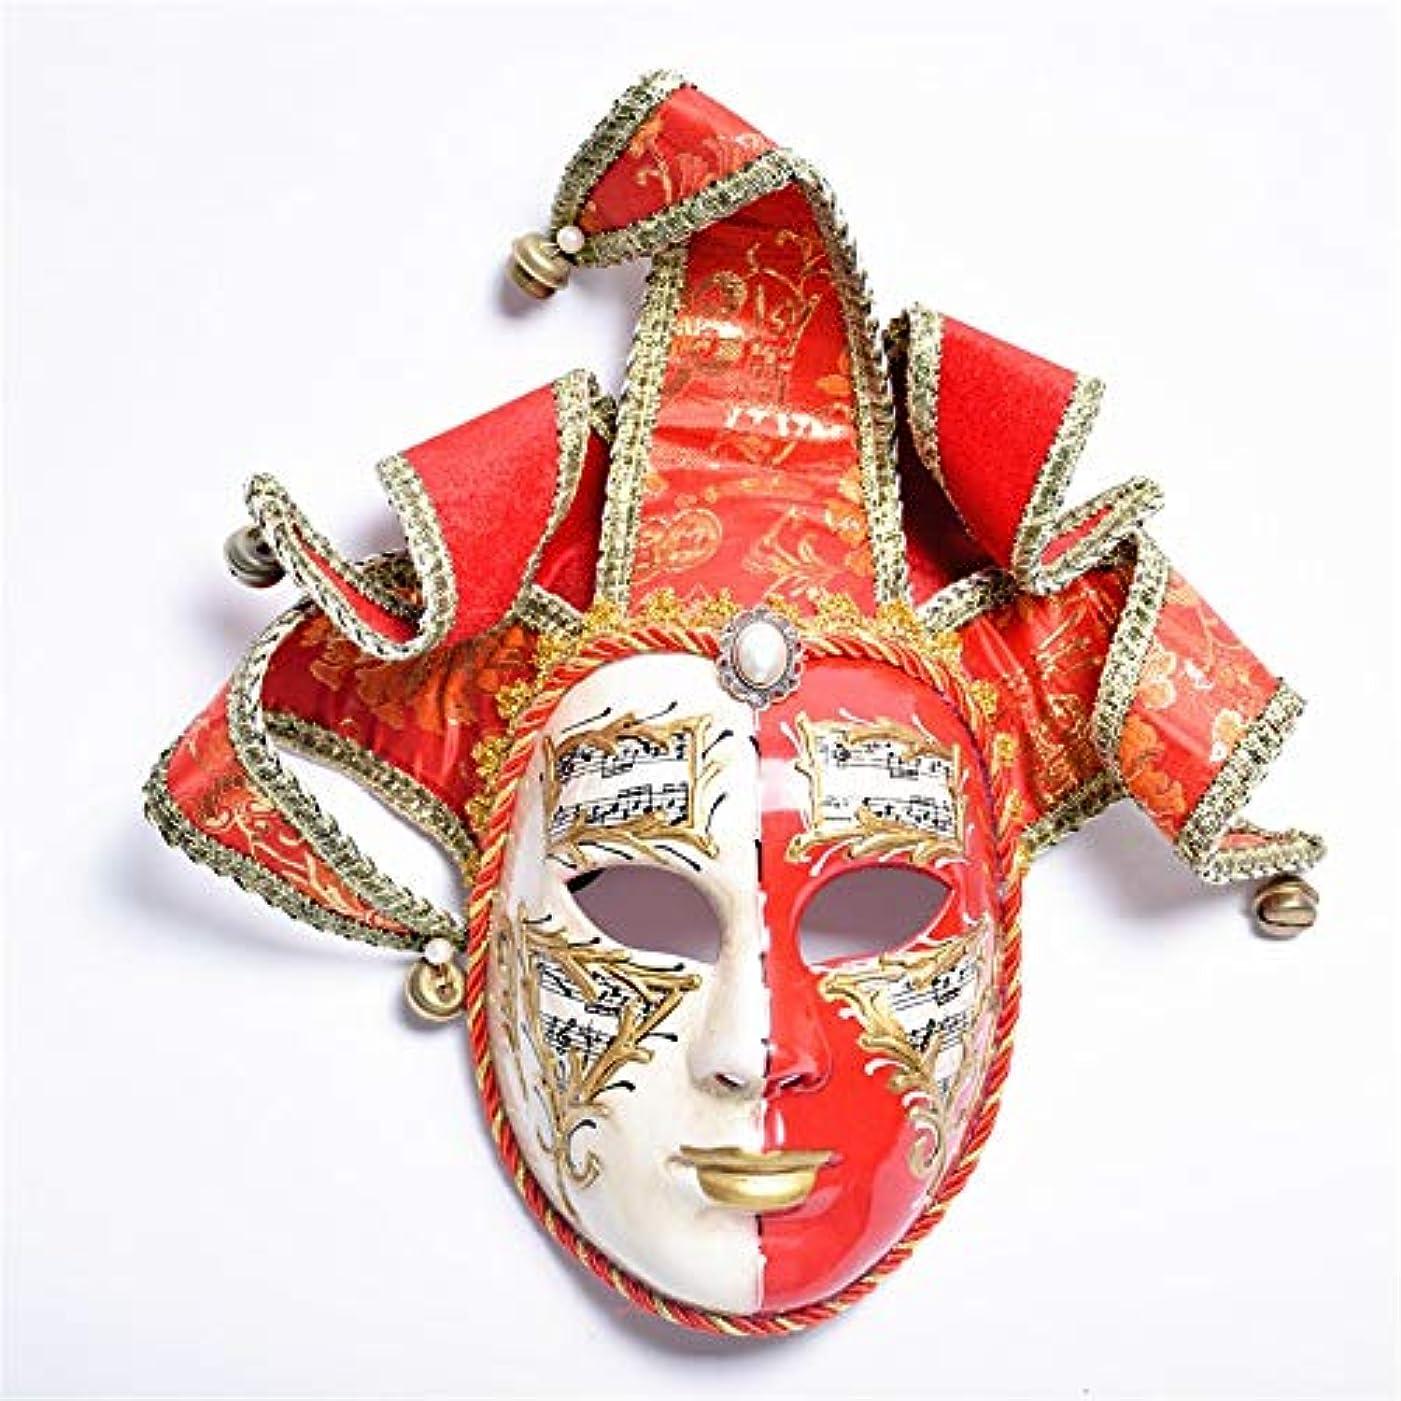 予知乳白色反抗ダンスマスク レッドゴールドマスク女性仮装パーティーナイトクラブロールプレイング装飾プラスチックマスク ホリデーパーティー用品 (色 : Red+Gold, サイズ : 33x31cm)